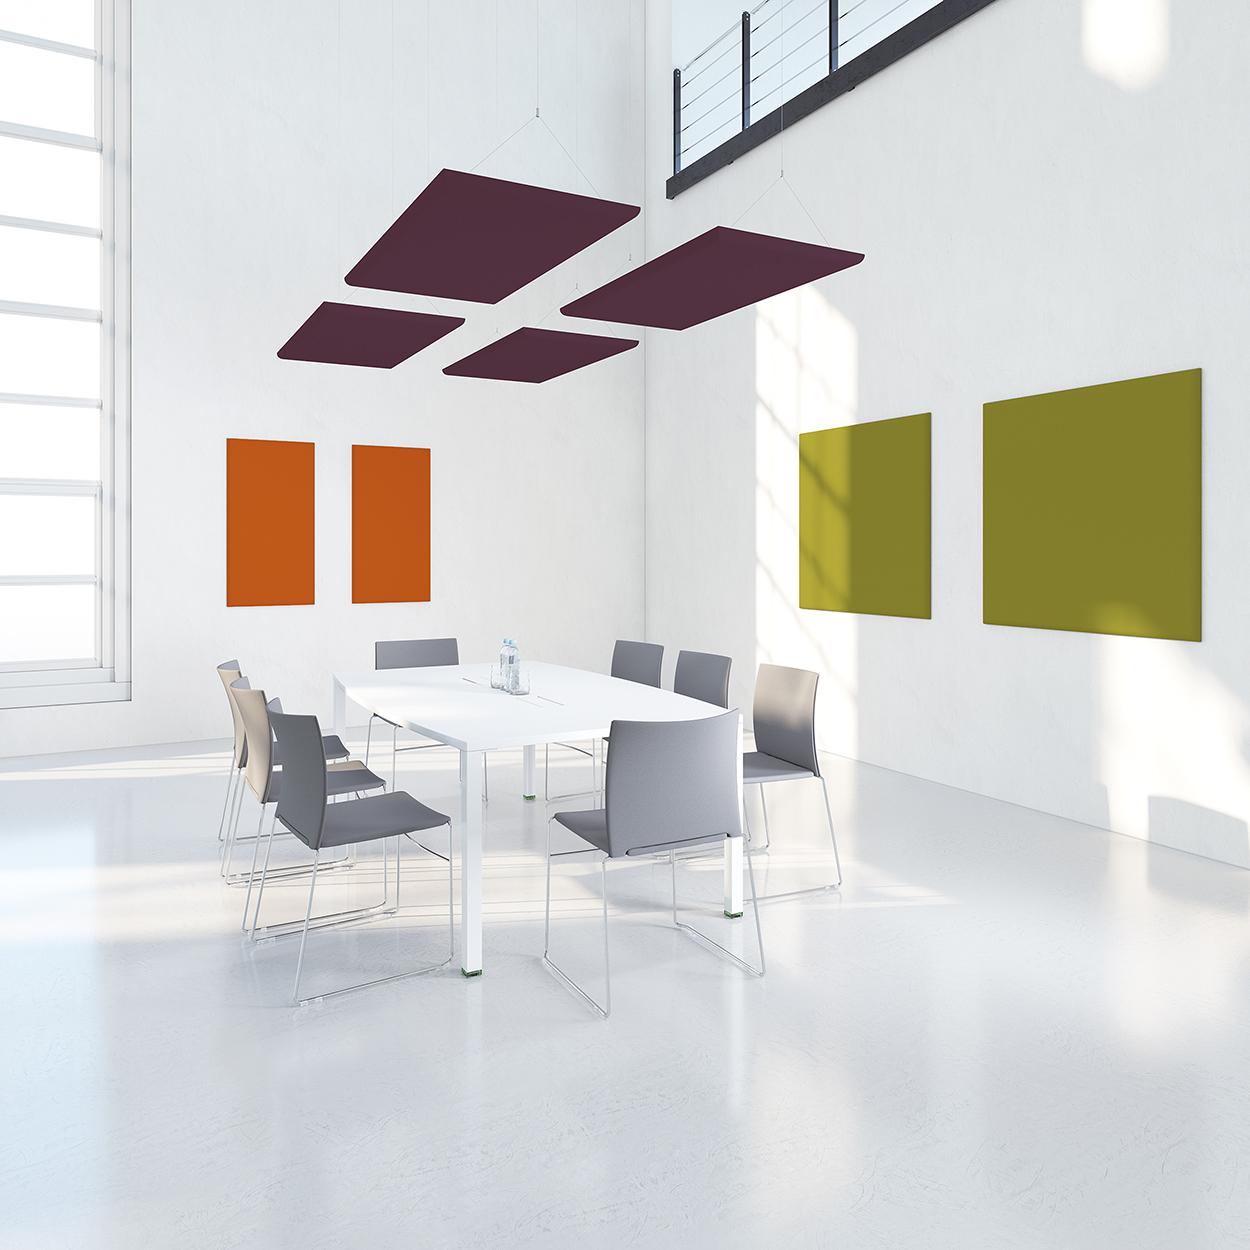 panneau acoustique design green mood panneaux acoustiques de mousse with panneau acoustique. Black Bedroom Furniture Sets. Home Design Ideas